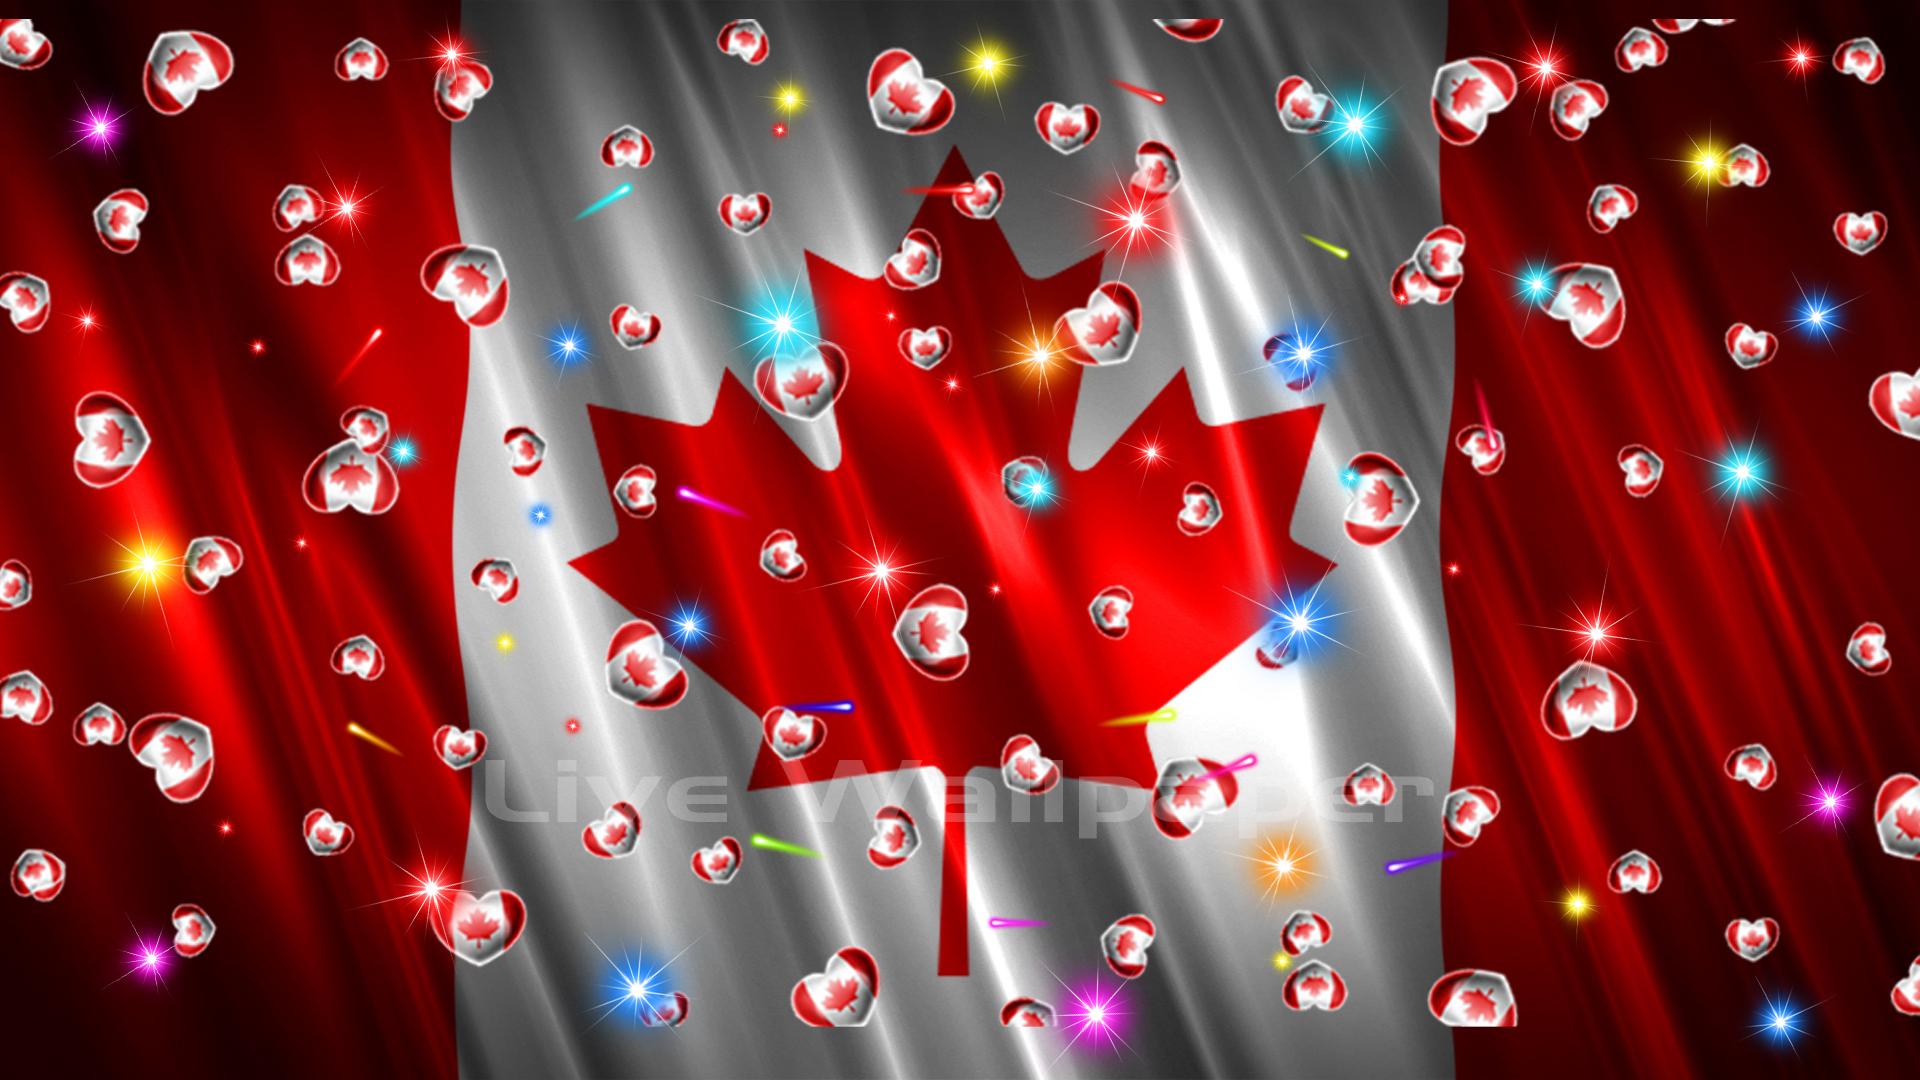 Canada Flag Heart - 7